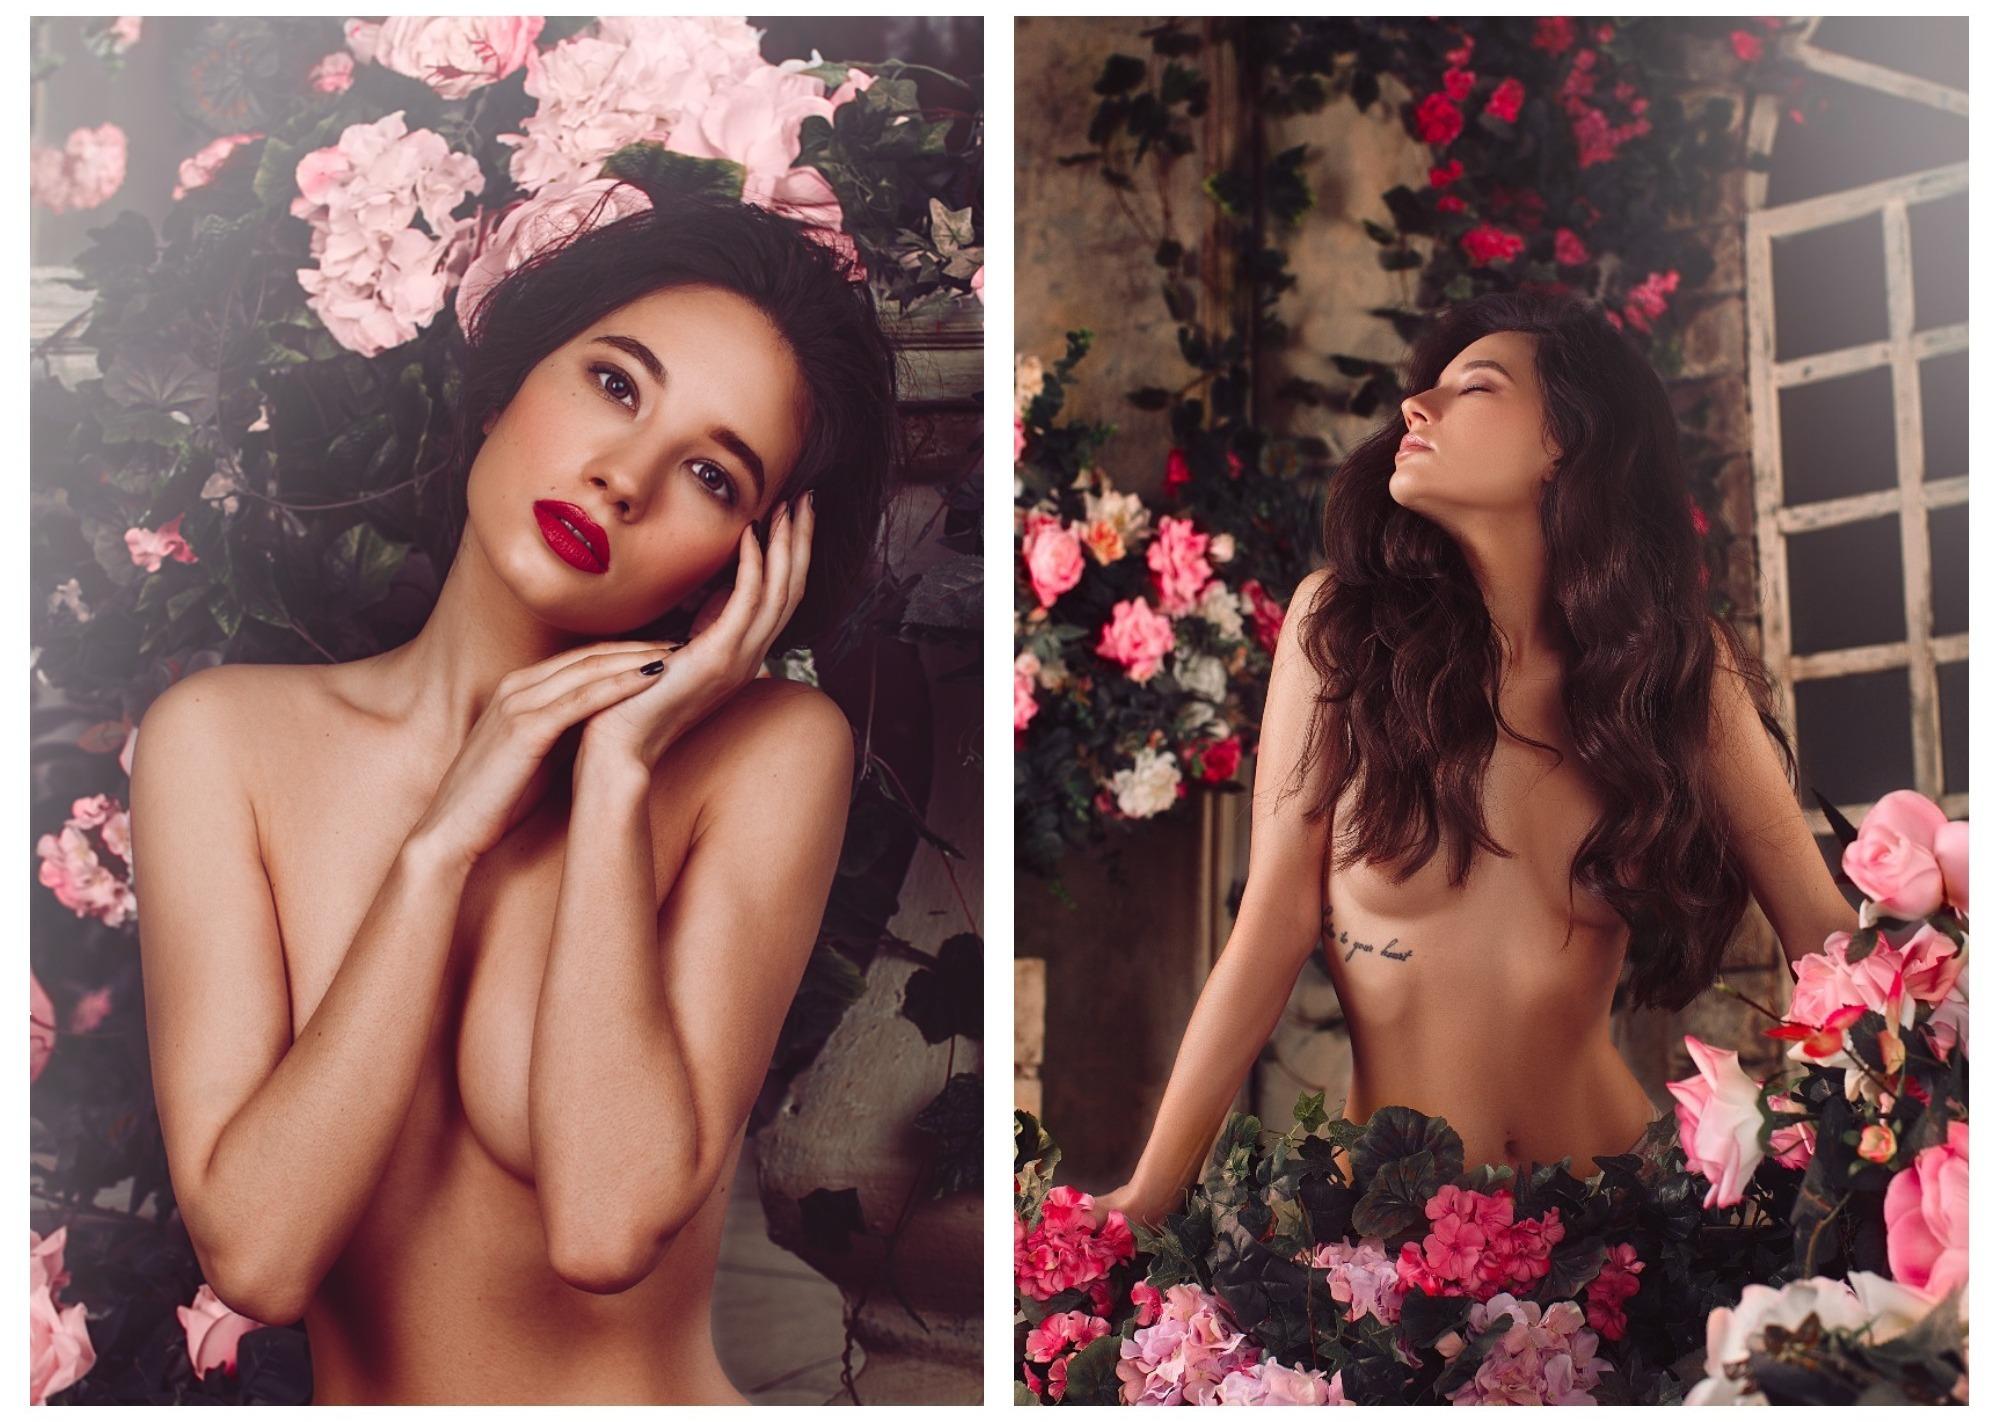 Московская модель обнажилась в объективе азербайджанского фотографа – ФОТО